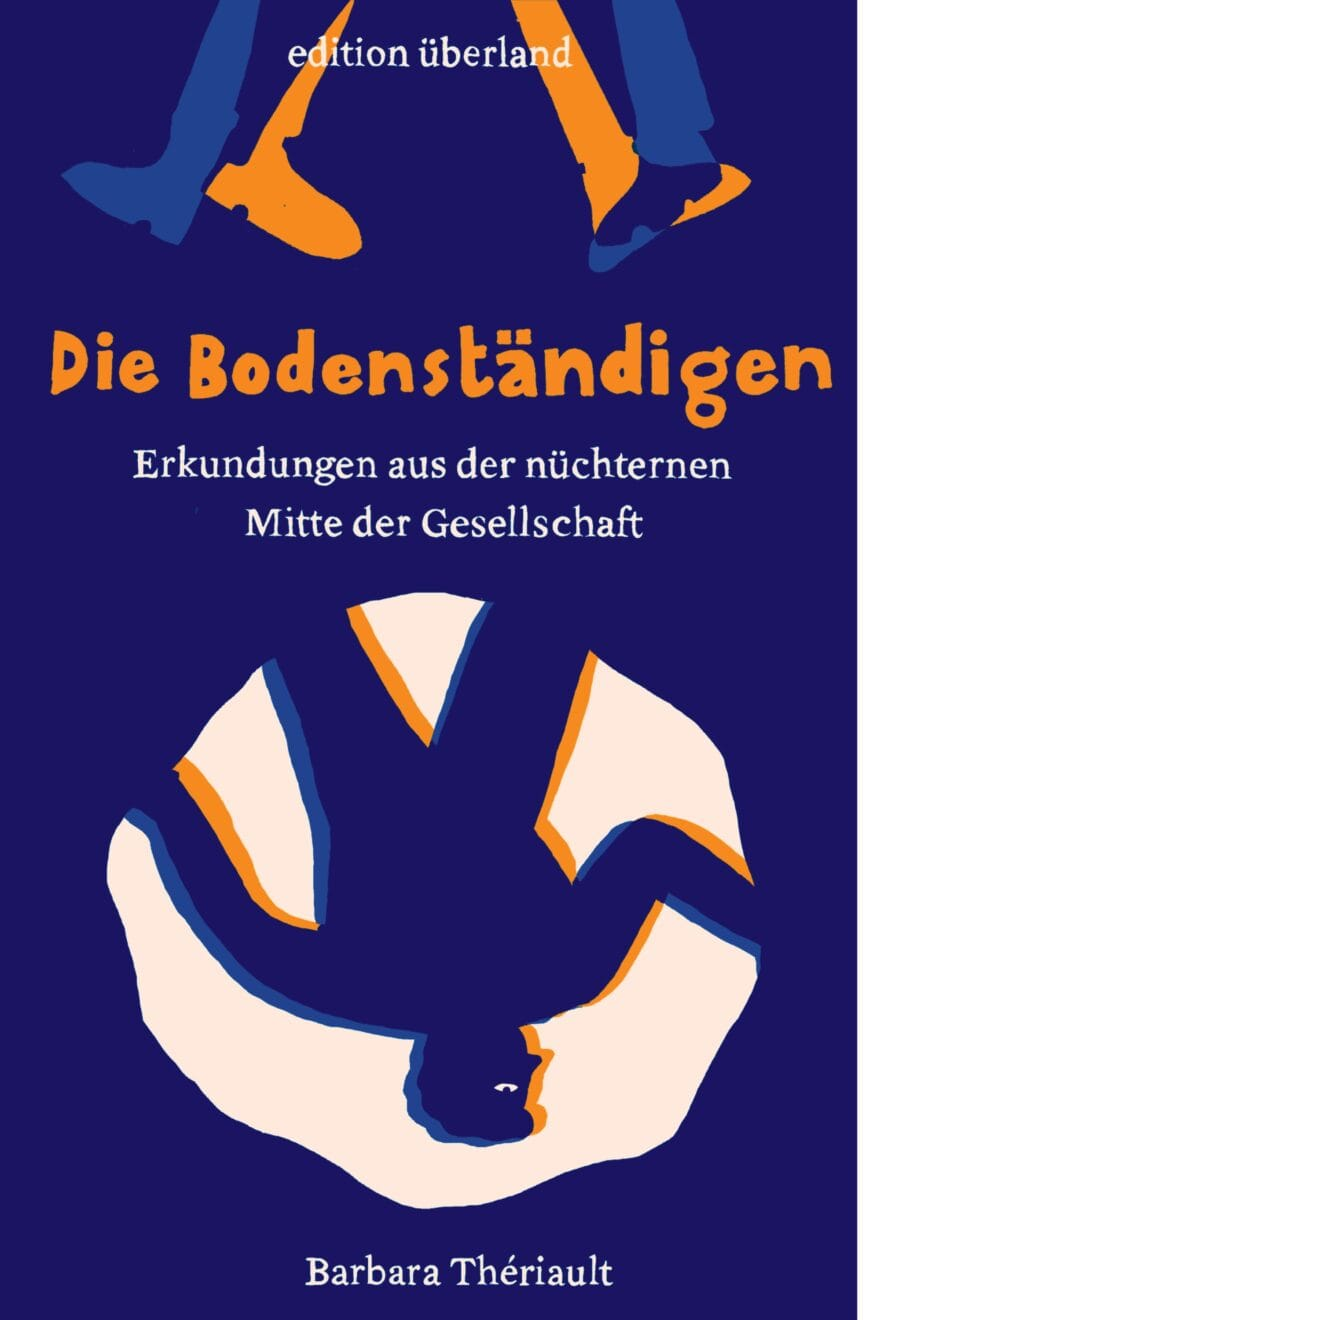 Barbara Thériault: »Die Bodenständigen«